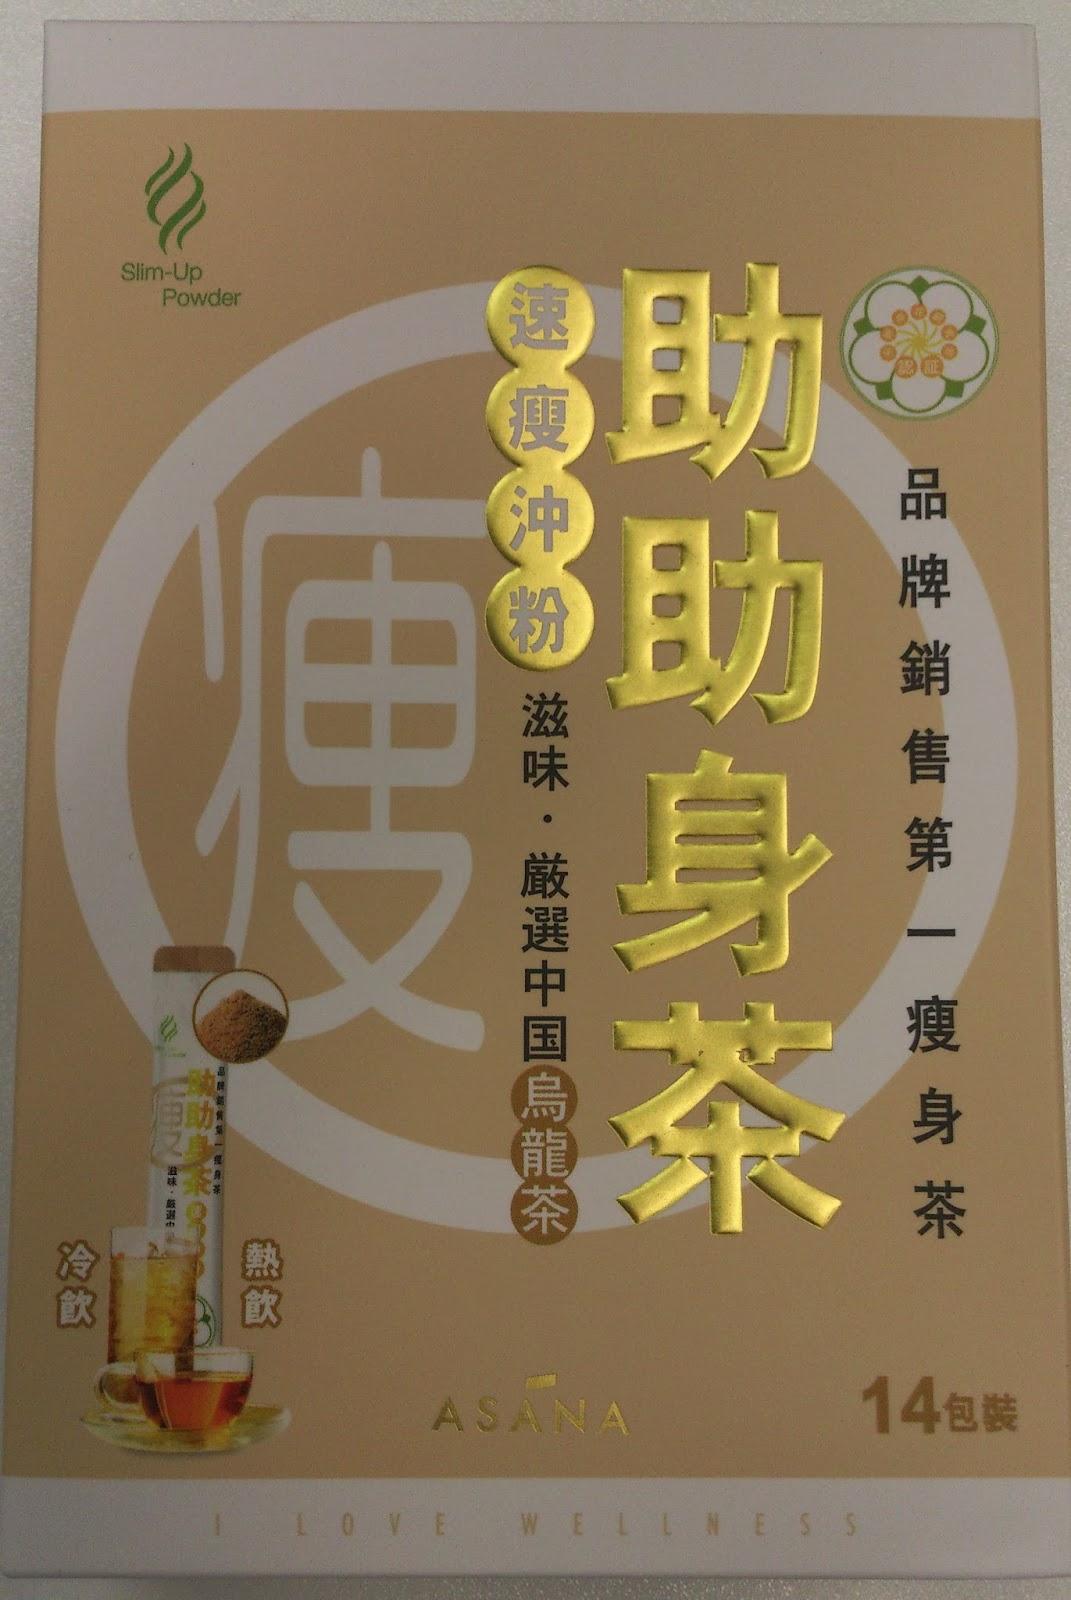 >> 飲茶收水法*ASANA助助身茶(烏龍茶味)